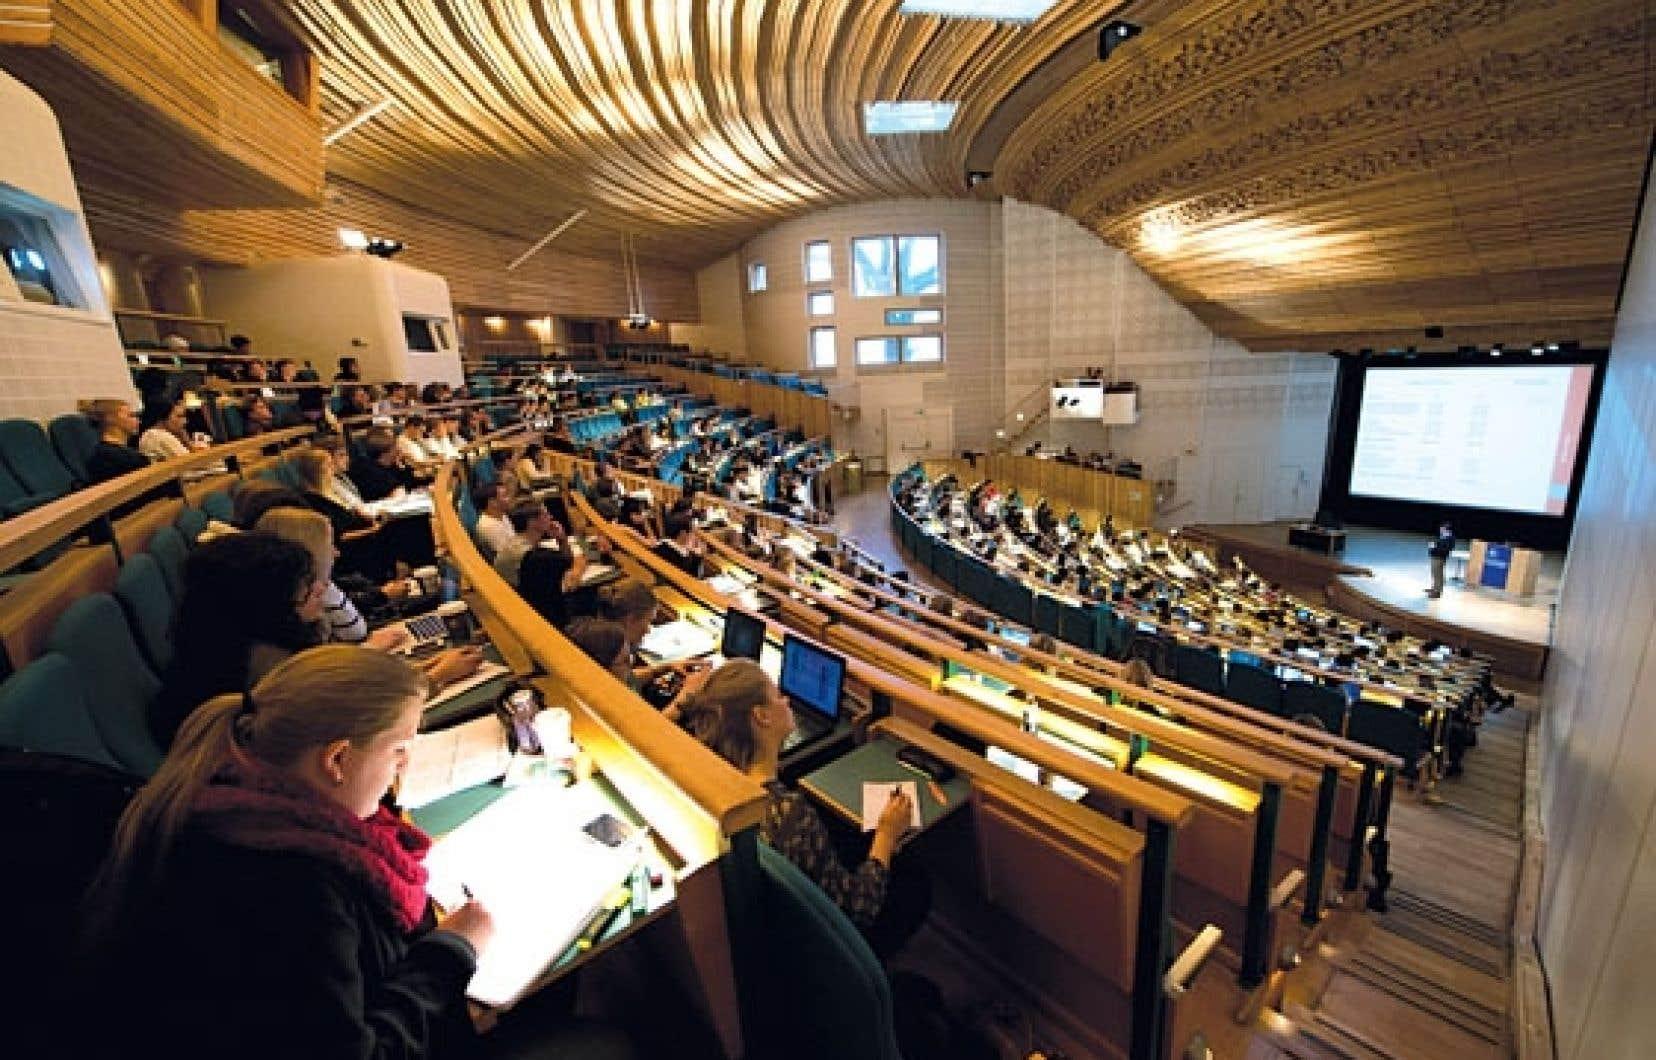 Des étudiants de l'Université de Stockholm. Les études universitaires sont gratuites en Suède, car vues comme un investissement dans la croissance et la prospérité futures.